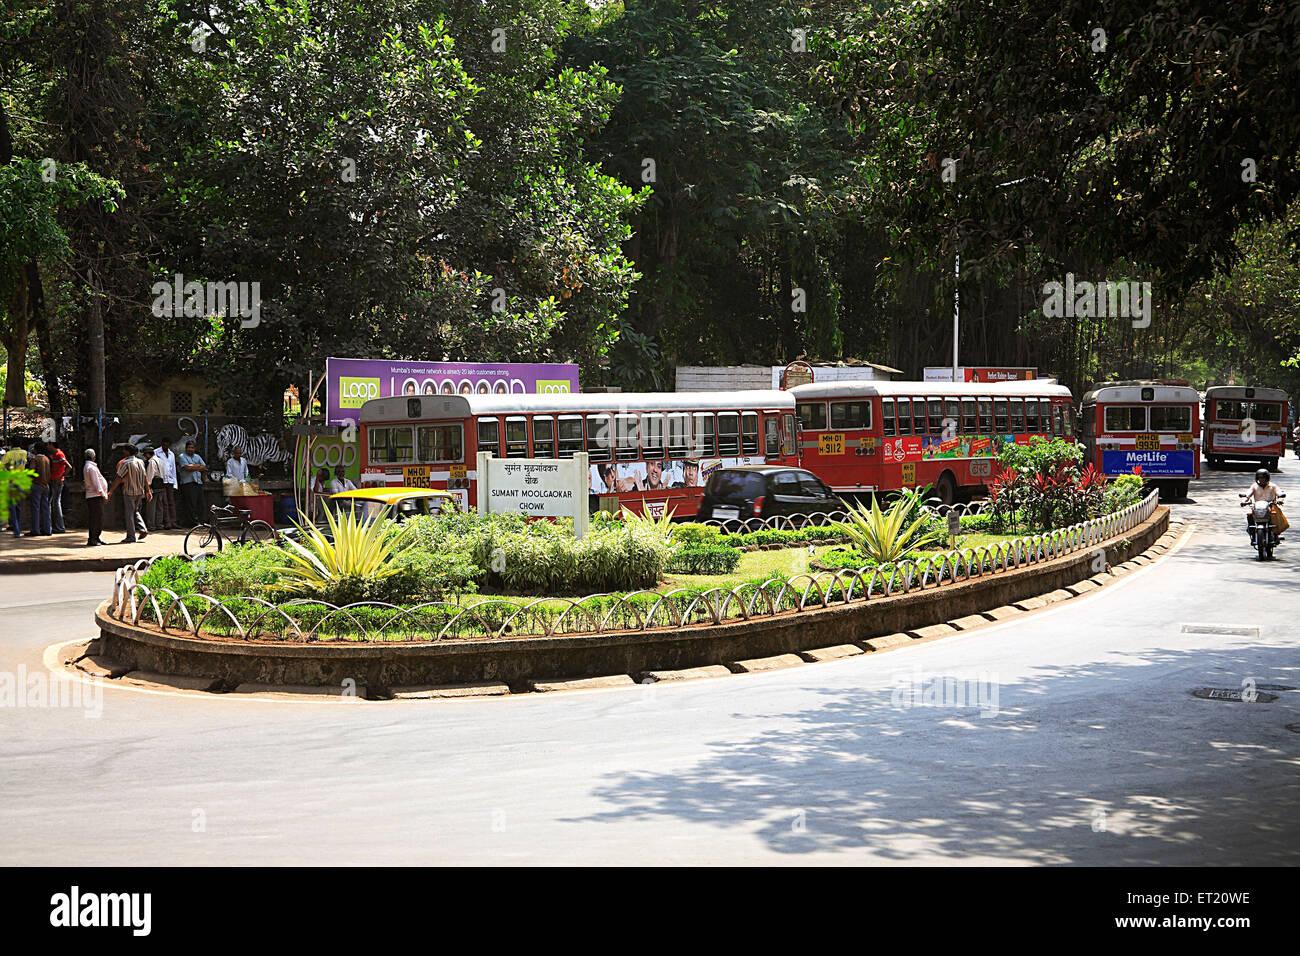 Sur le jardin et les véhicules routiers; Bombay Mumbai Maharashtra; Inde; Photo Stock